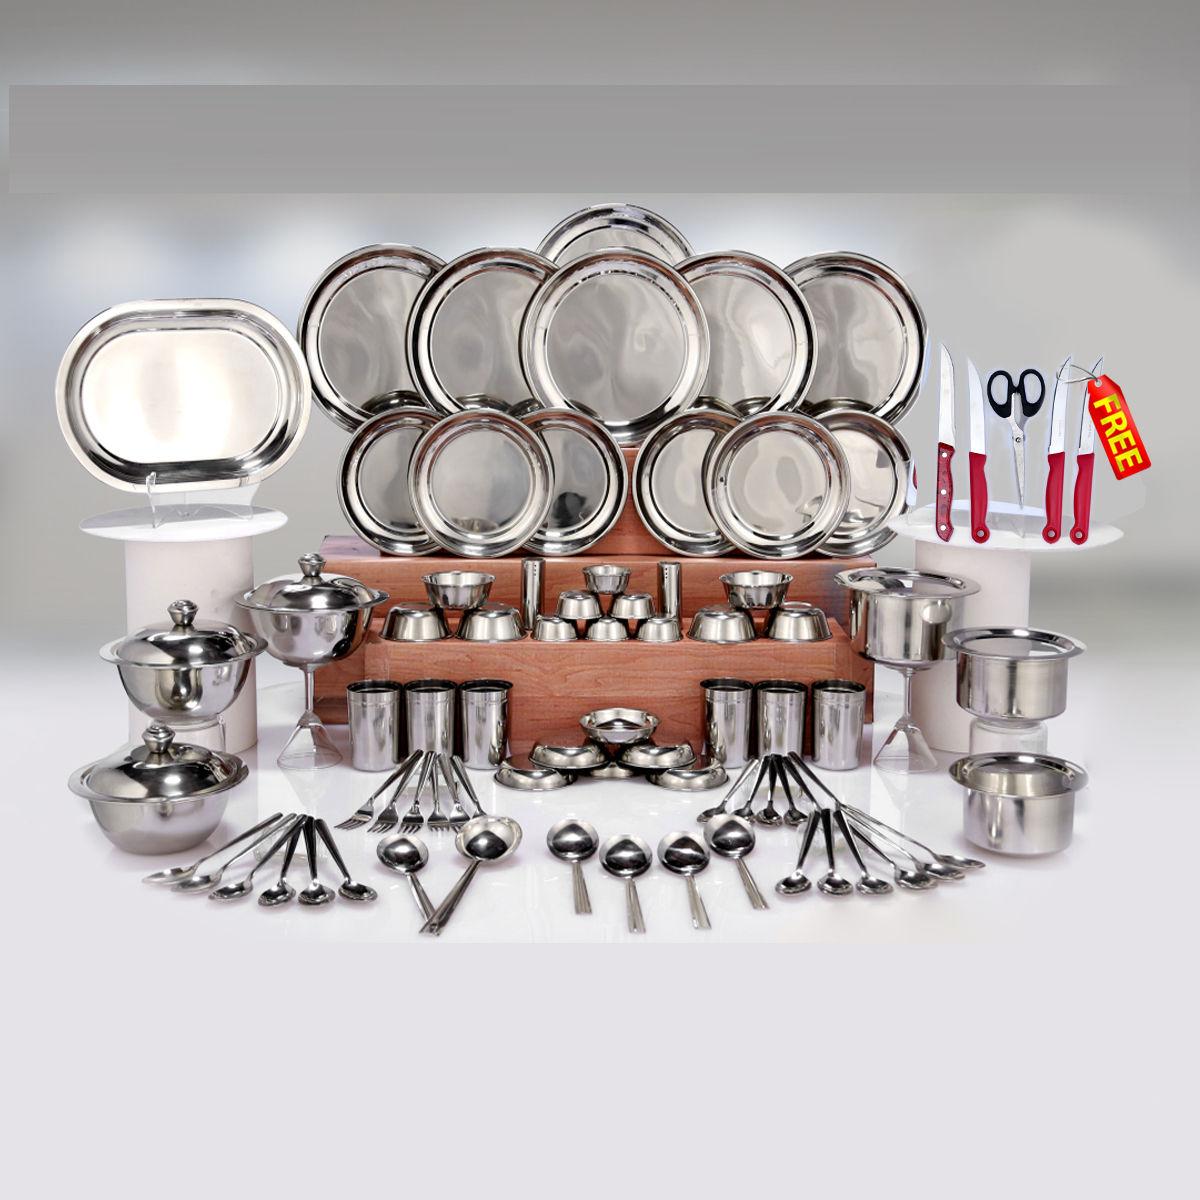 Stainless Steel Kitchen Set Price Erigiestudio